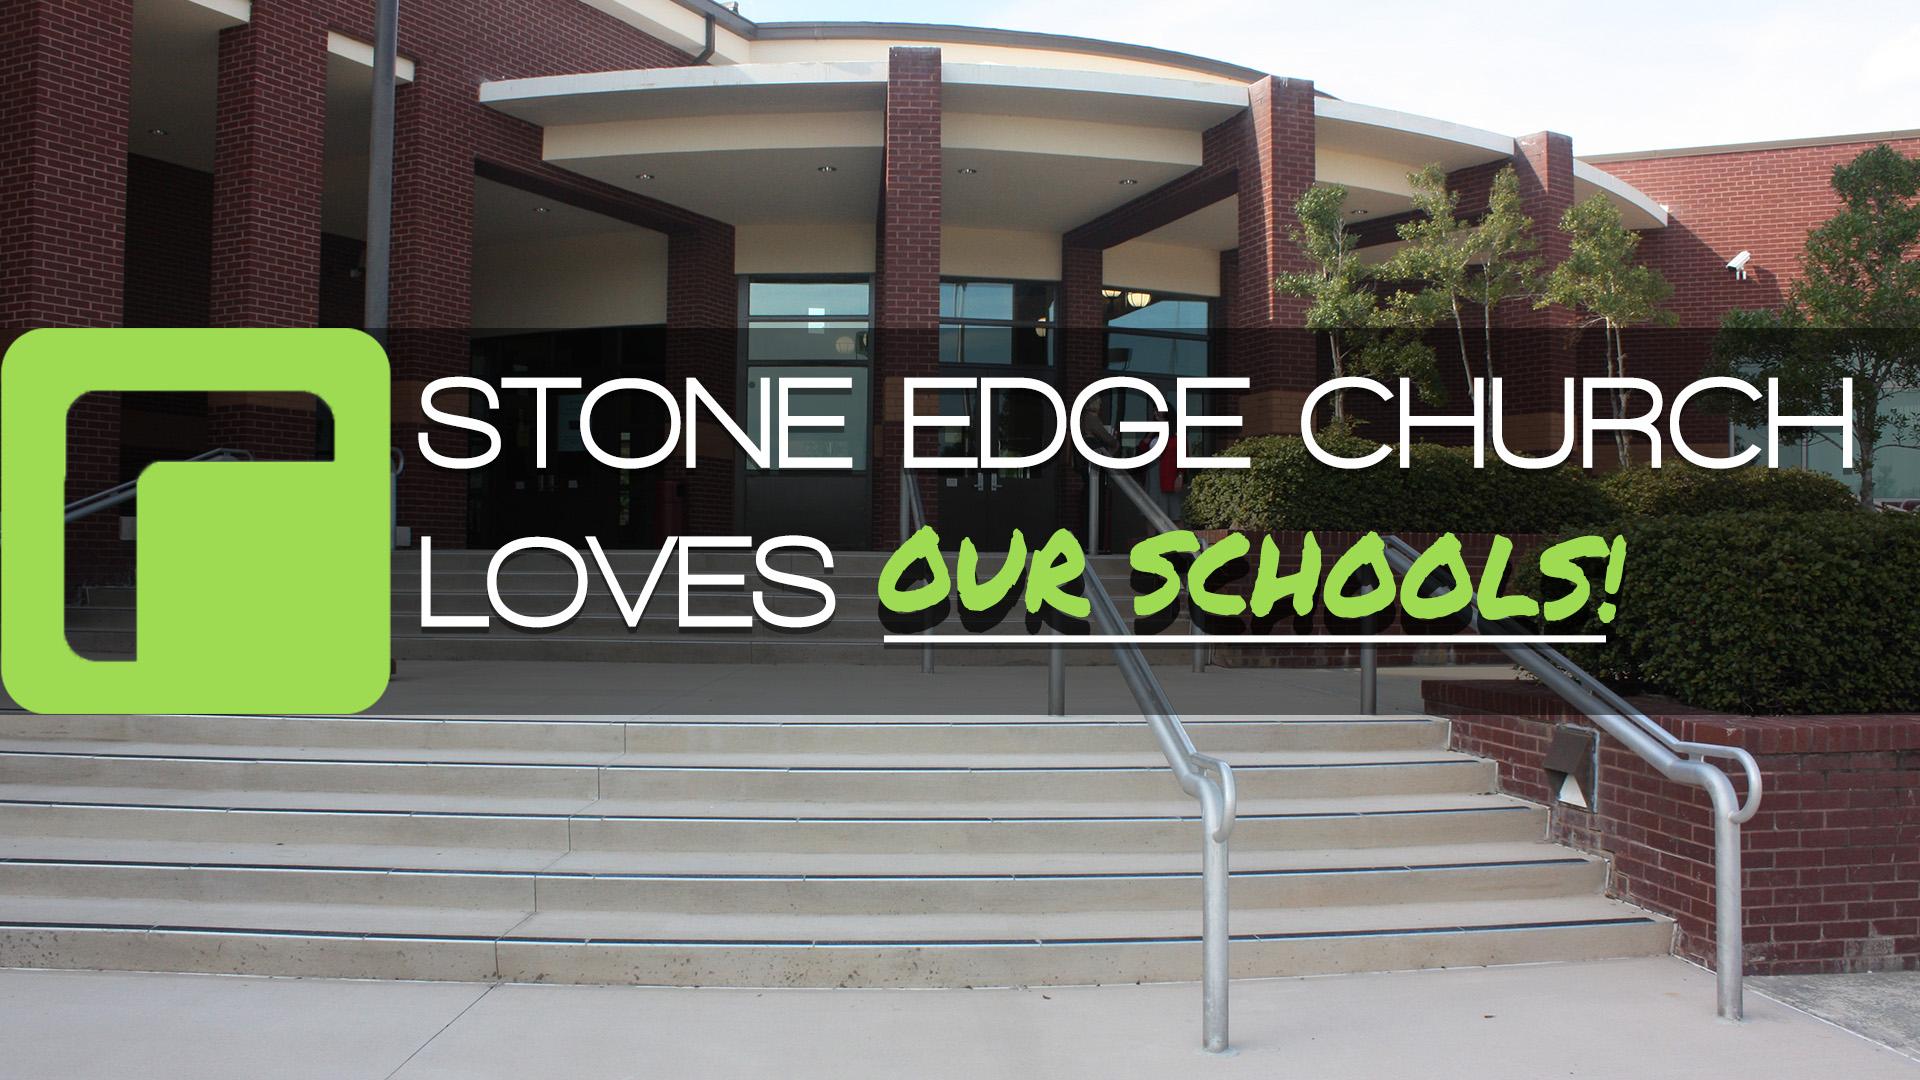 SEC loves schools 7.jpg